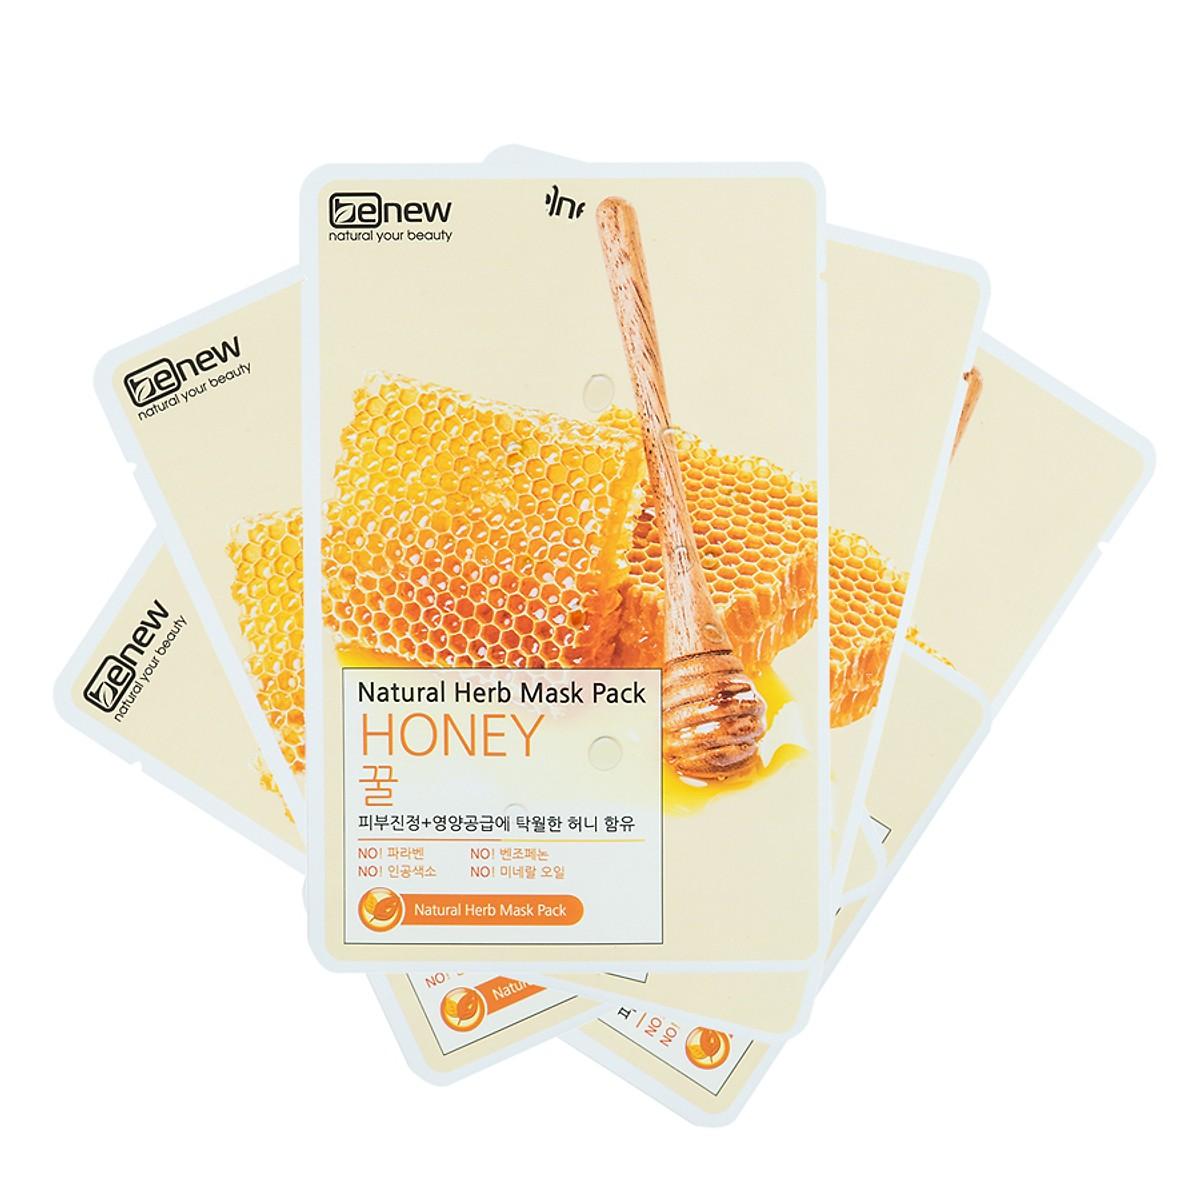 Combo 10 Miếng Mặt Nạ Giấy Mật Ong Benew Natural Herb Mask Honey (22ml / miếng ) [ Tặng dây cột tóc ]